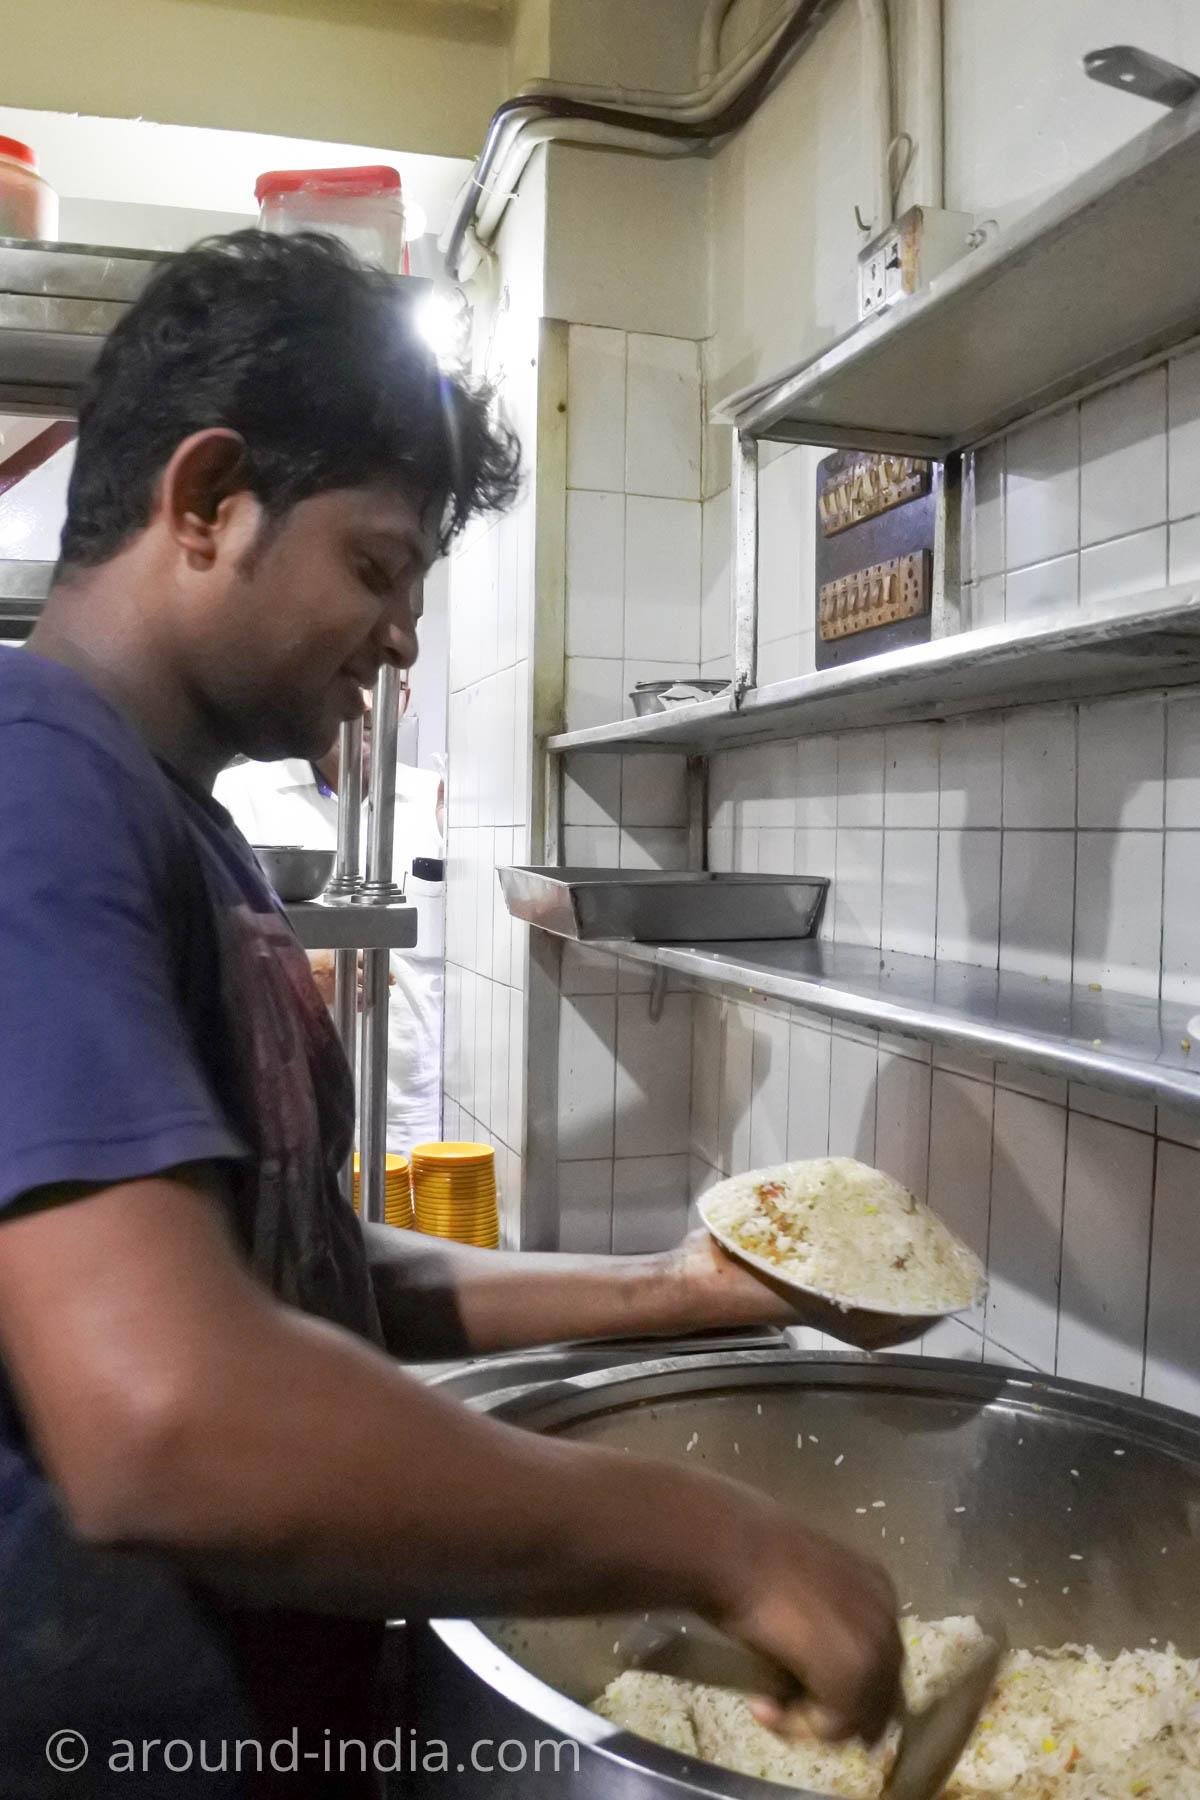 カヌールのビリヤニが人気のレストランMVKのビリヤニを盛り付けているところ